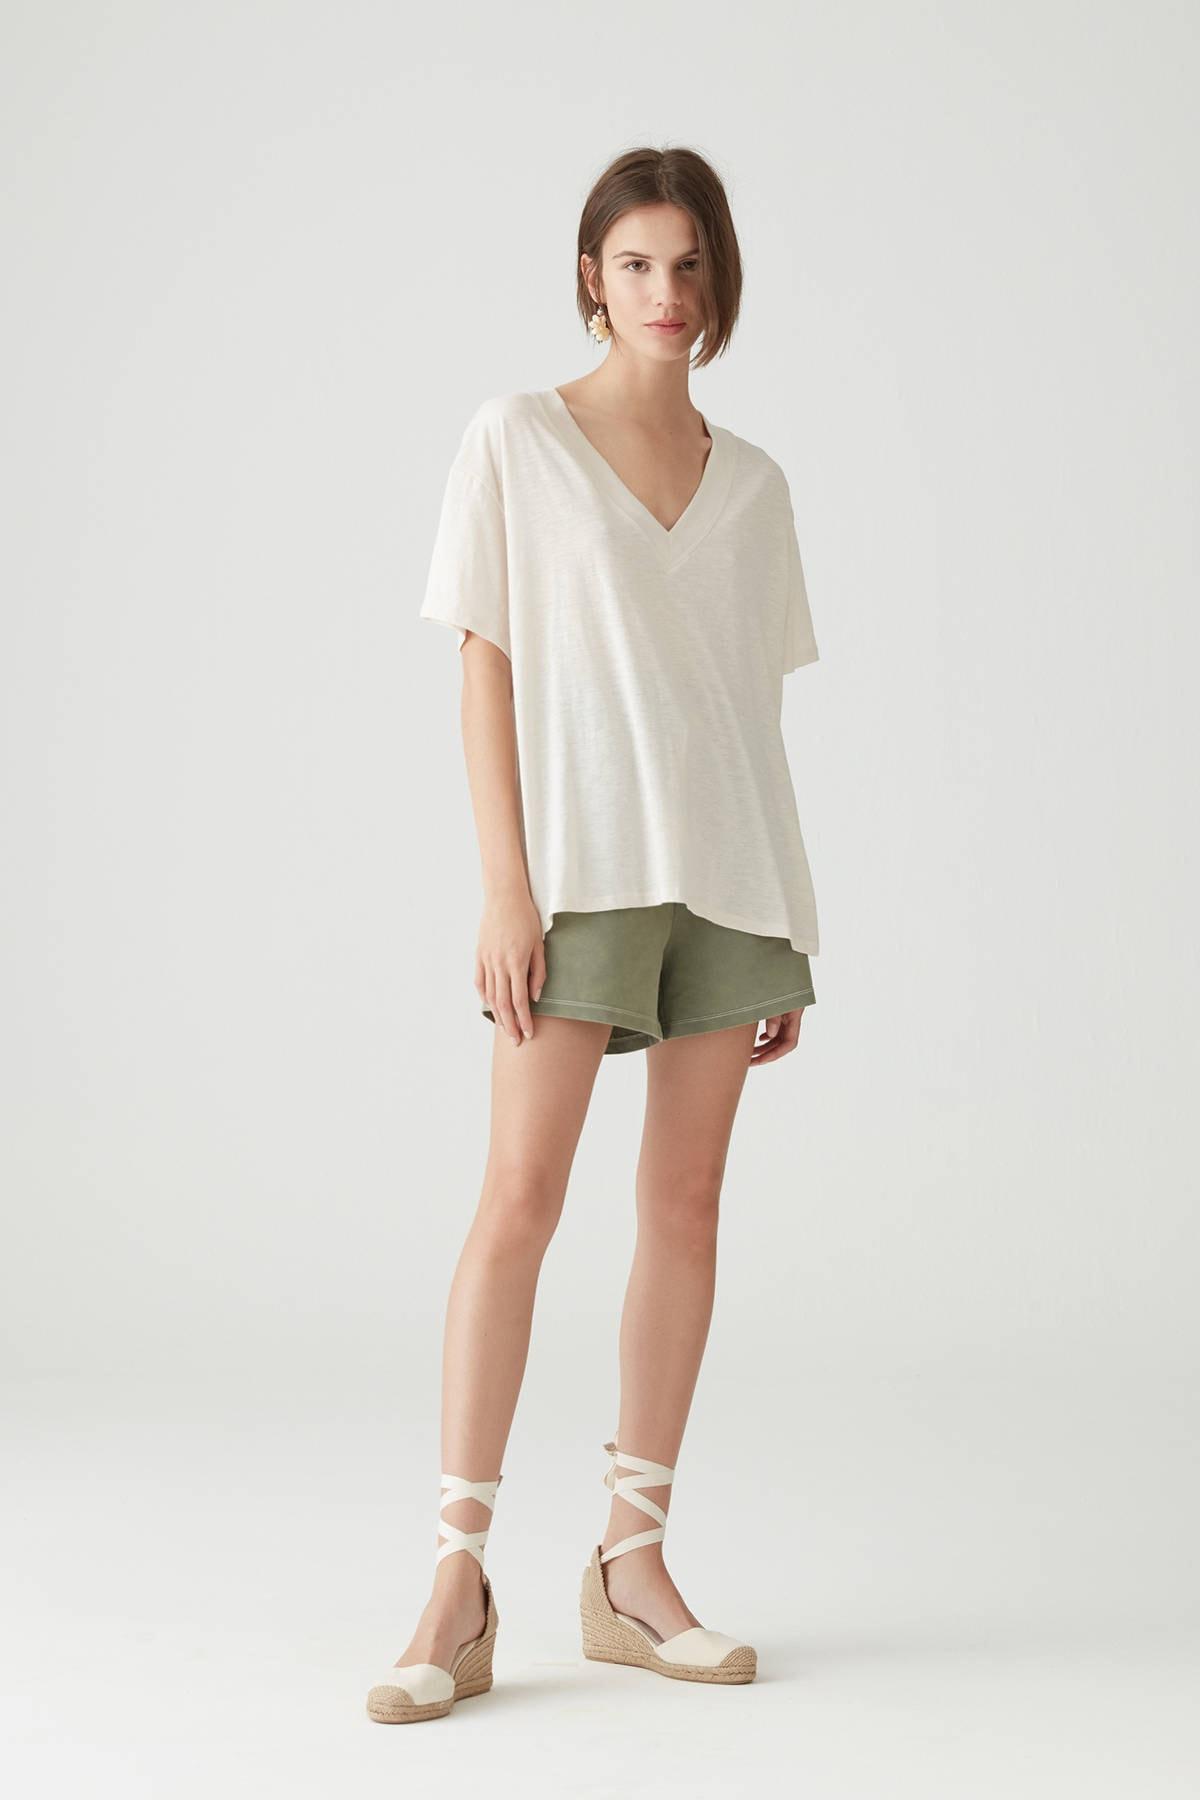 Pull & Bear Kadın Taş Rengi Basic Oversize Düğümlü Örgü T-Shirt 05236324 1